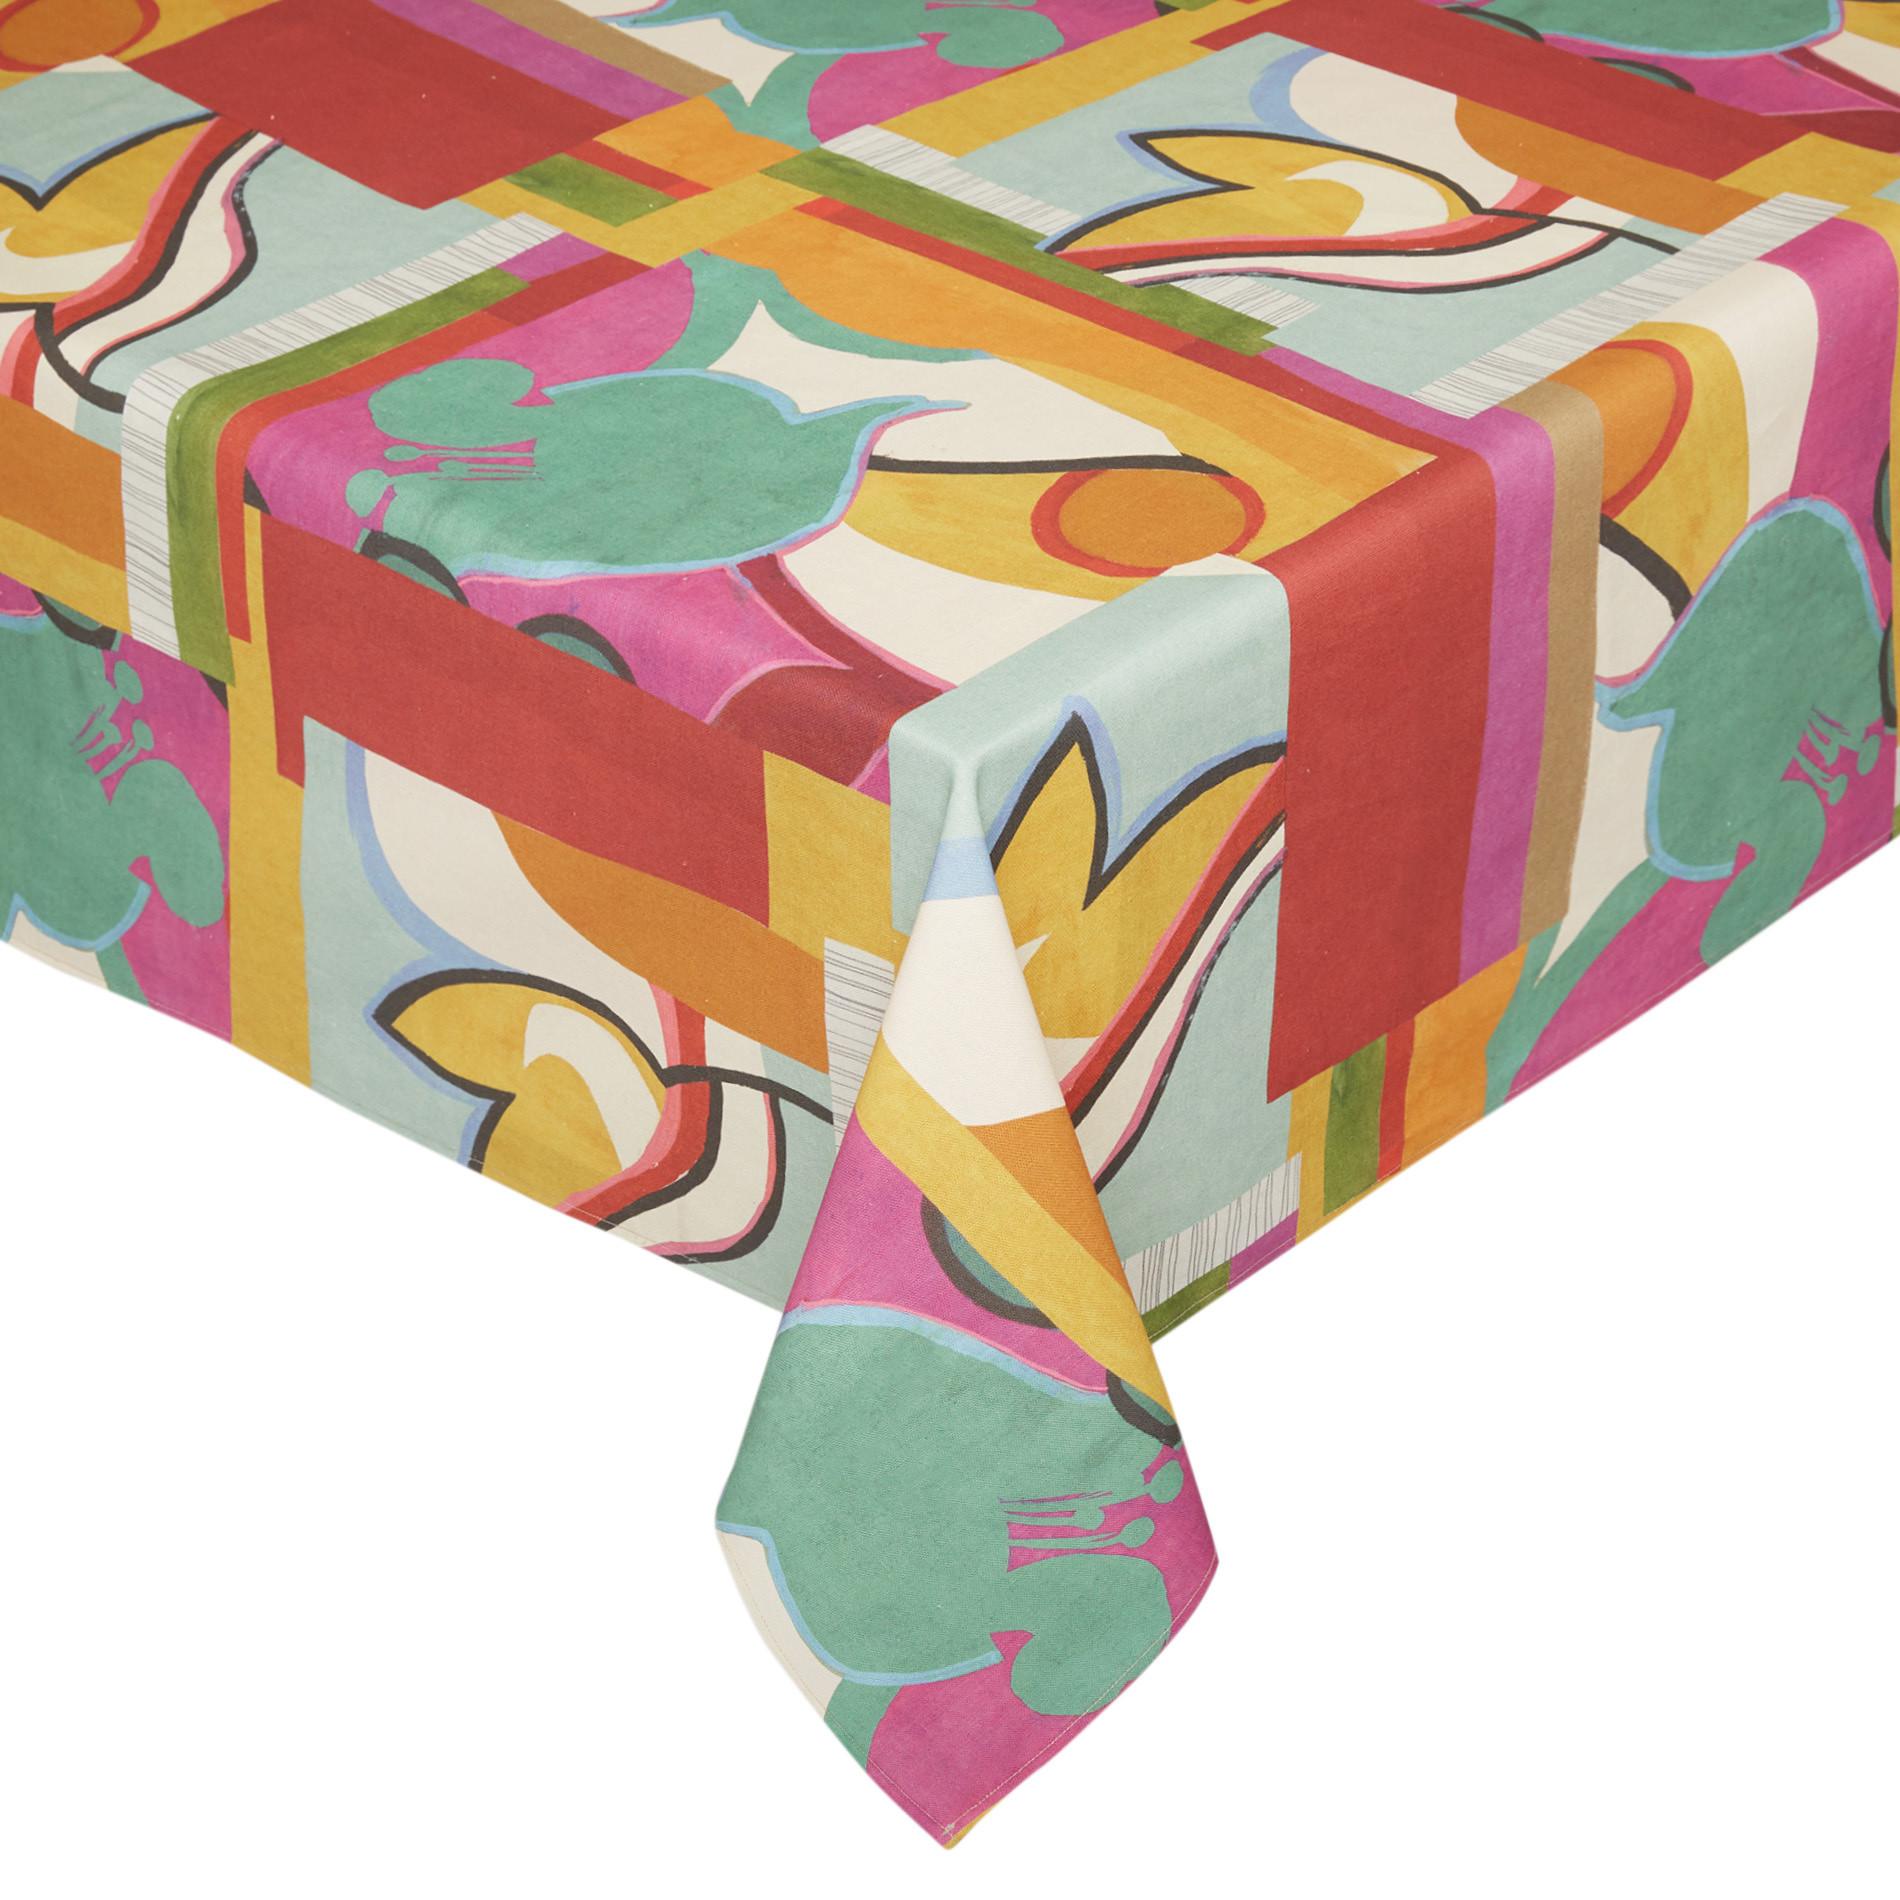 Tovaglia puro cotone stampa astratta, Multicolor, large image number 0